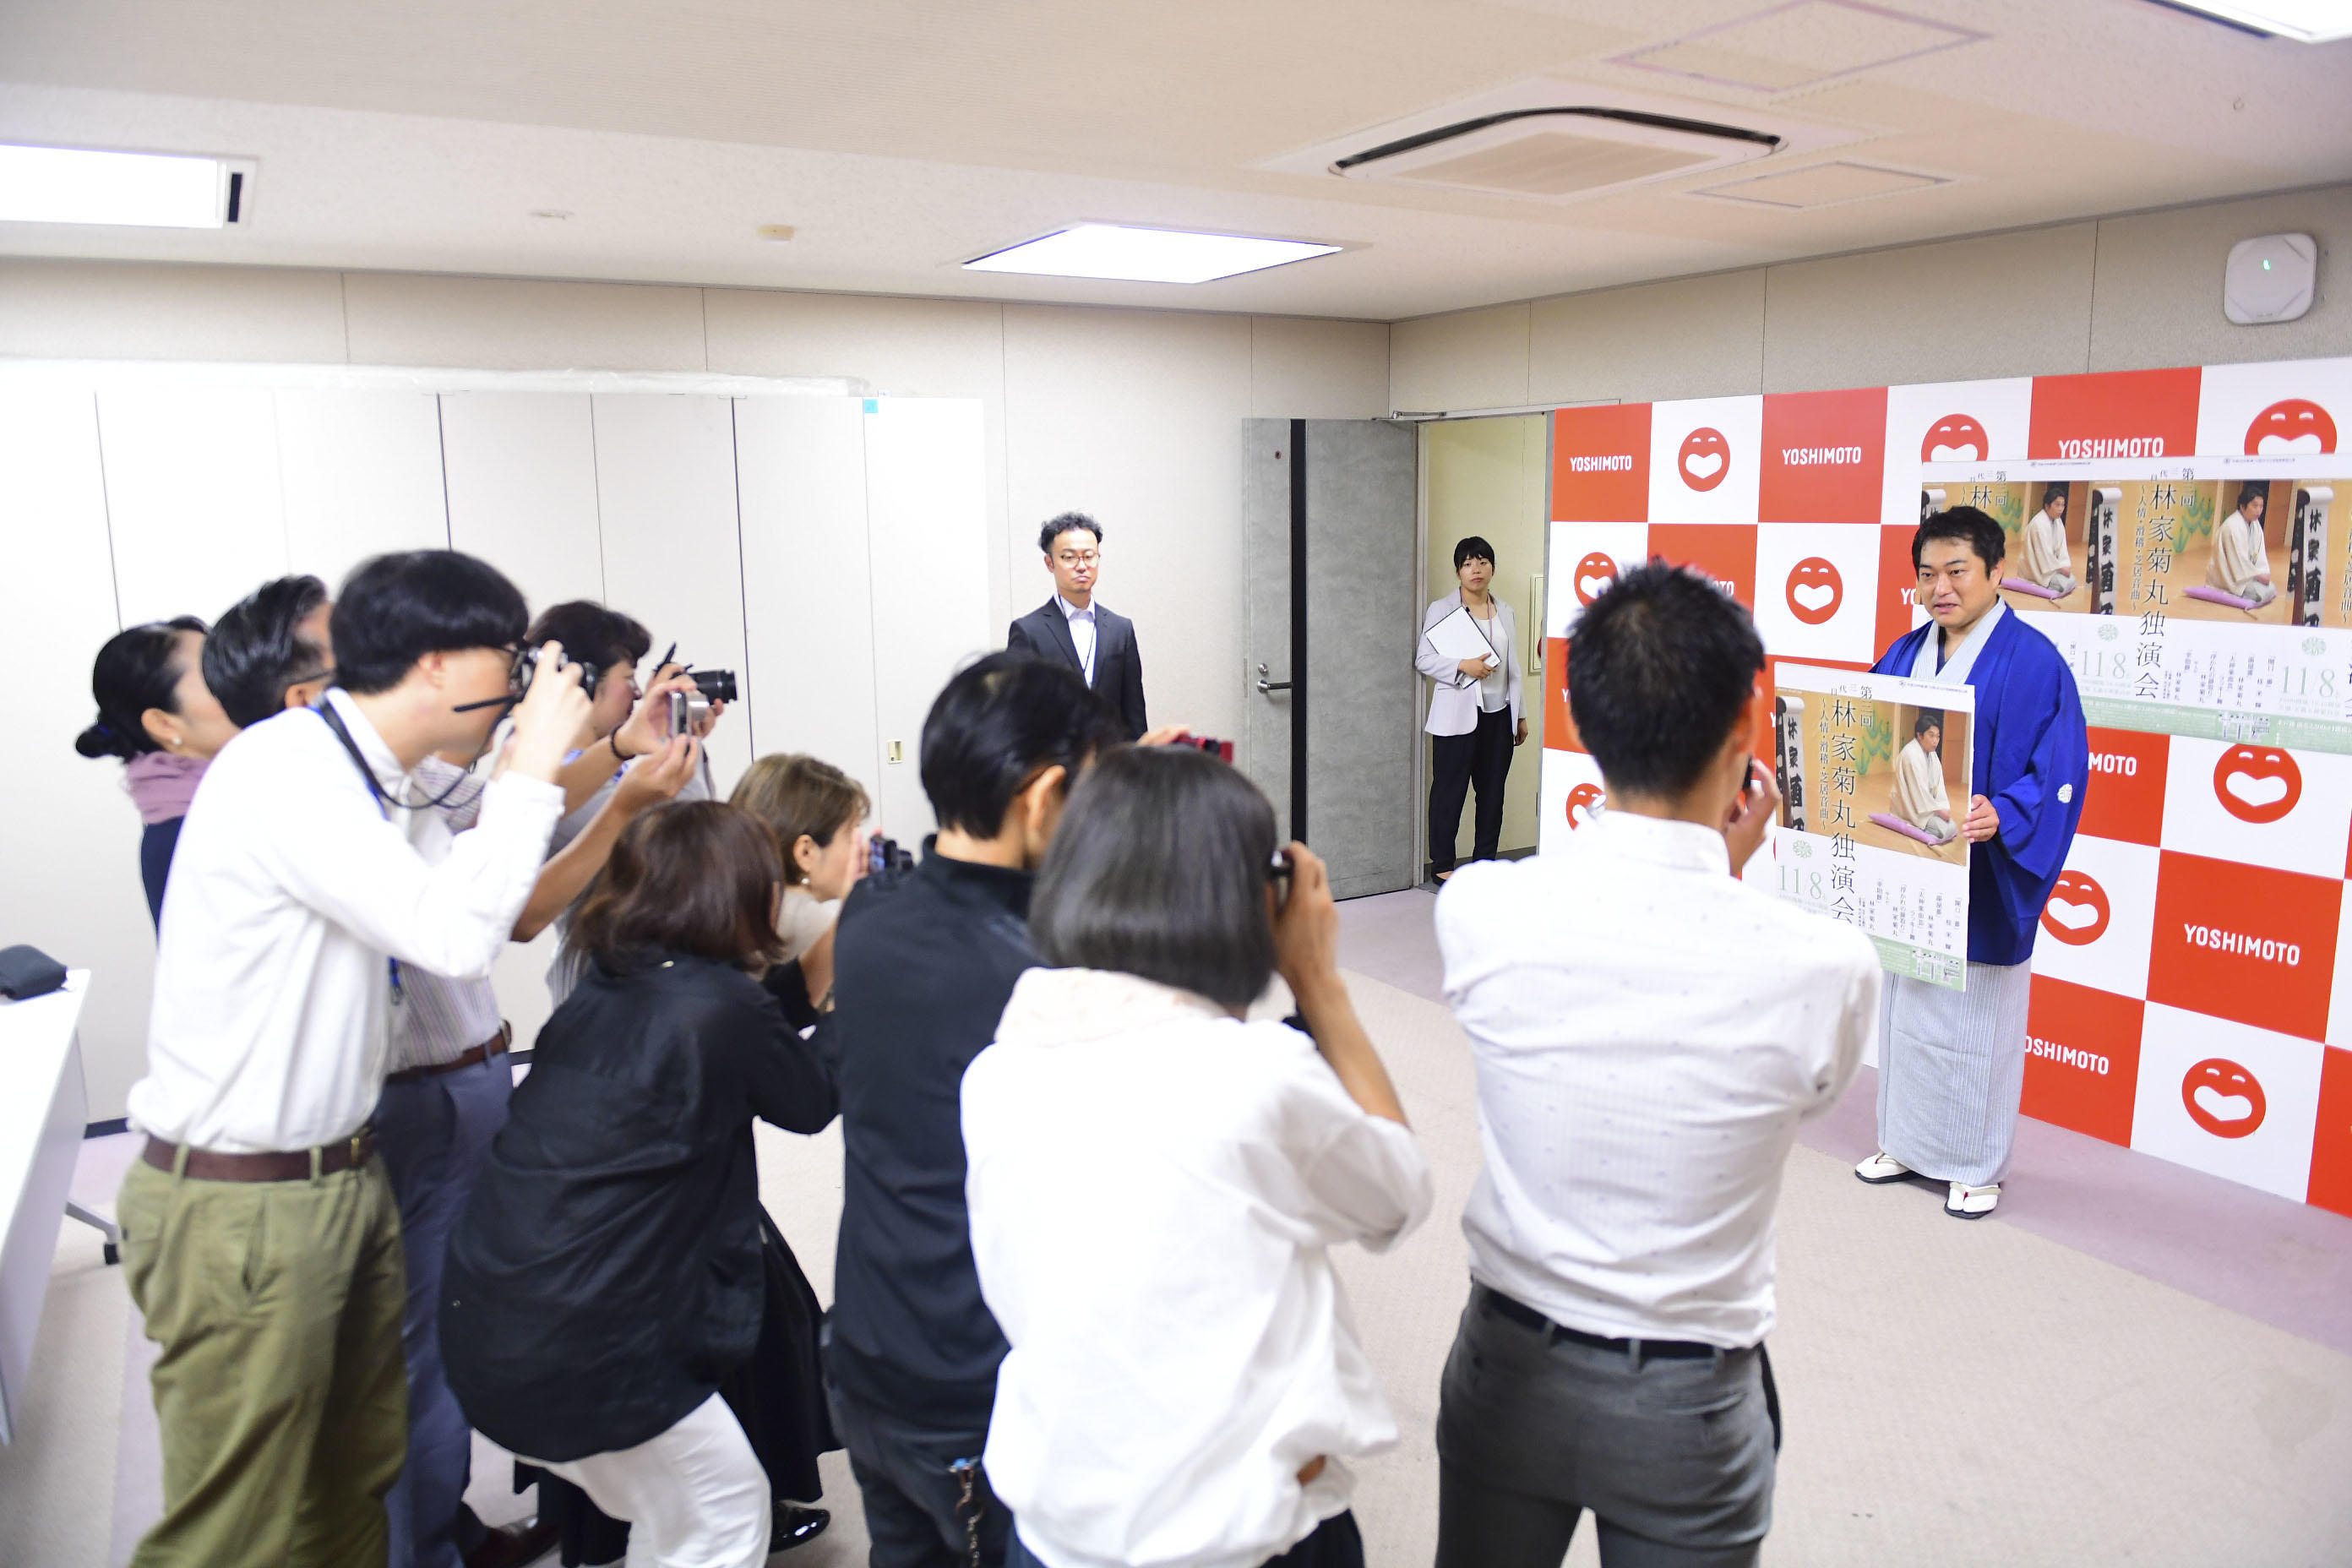 http://news.yoshimoto.co.jp/20171003084031-c7c80e23a10019abdcd26869b2e98d57d133960f.jpg